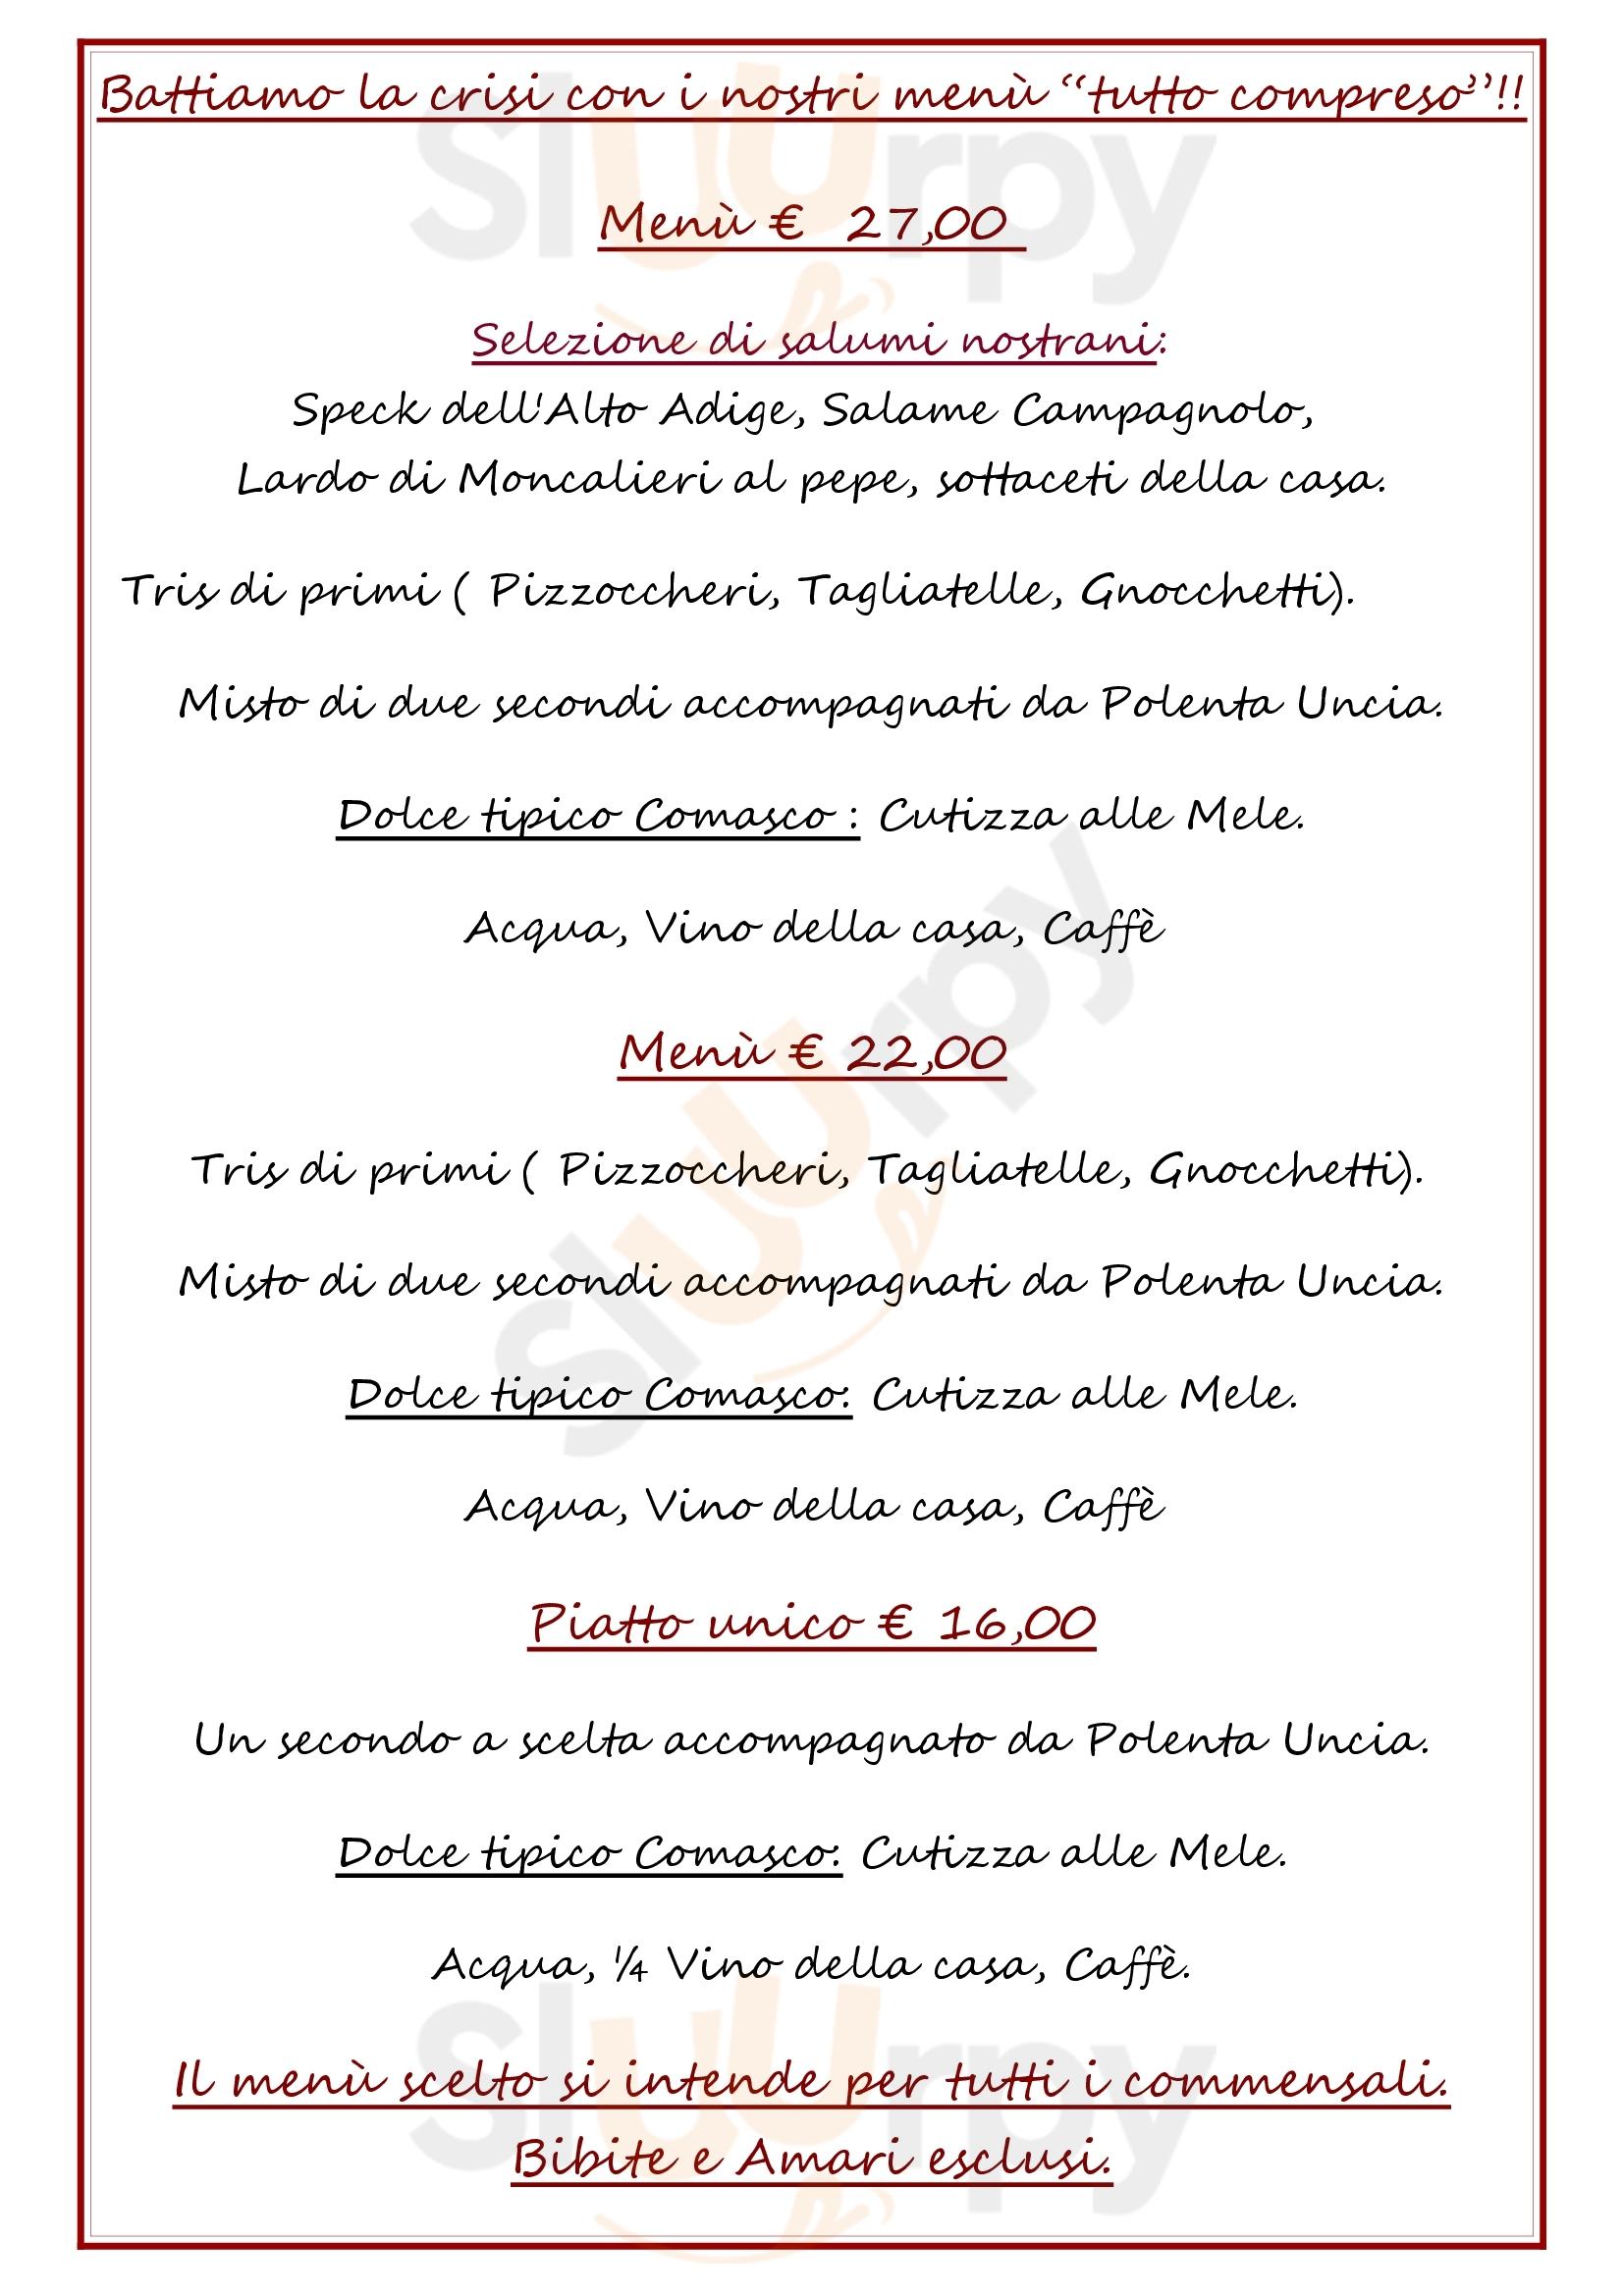 Baita Monte Croce Como menù 1 pagina